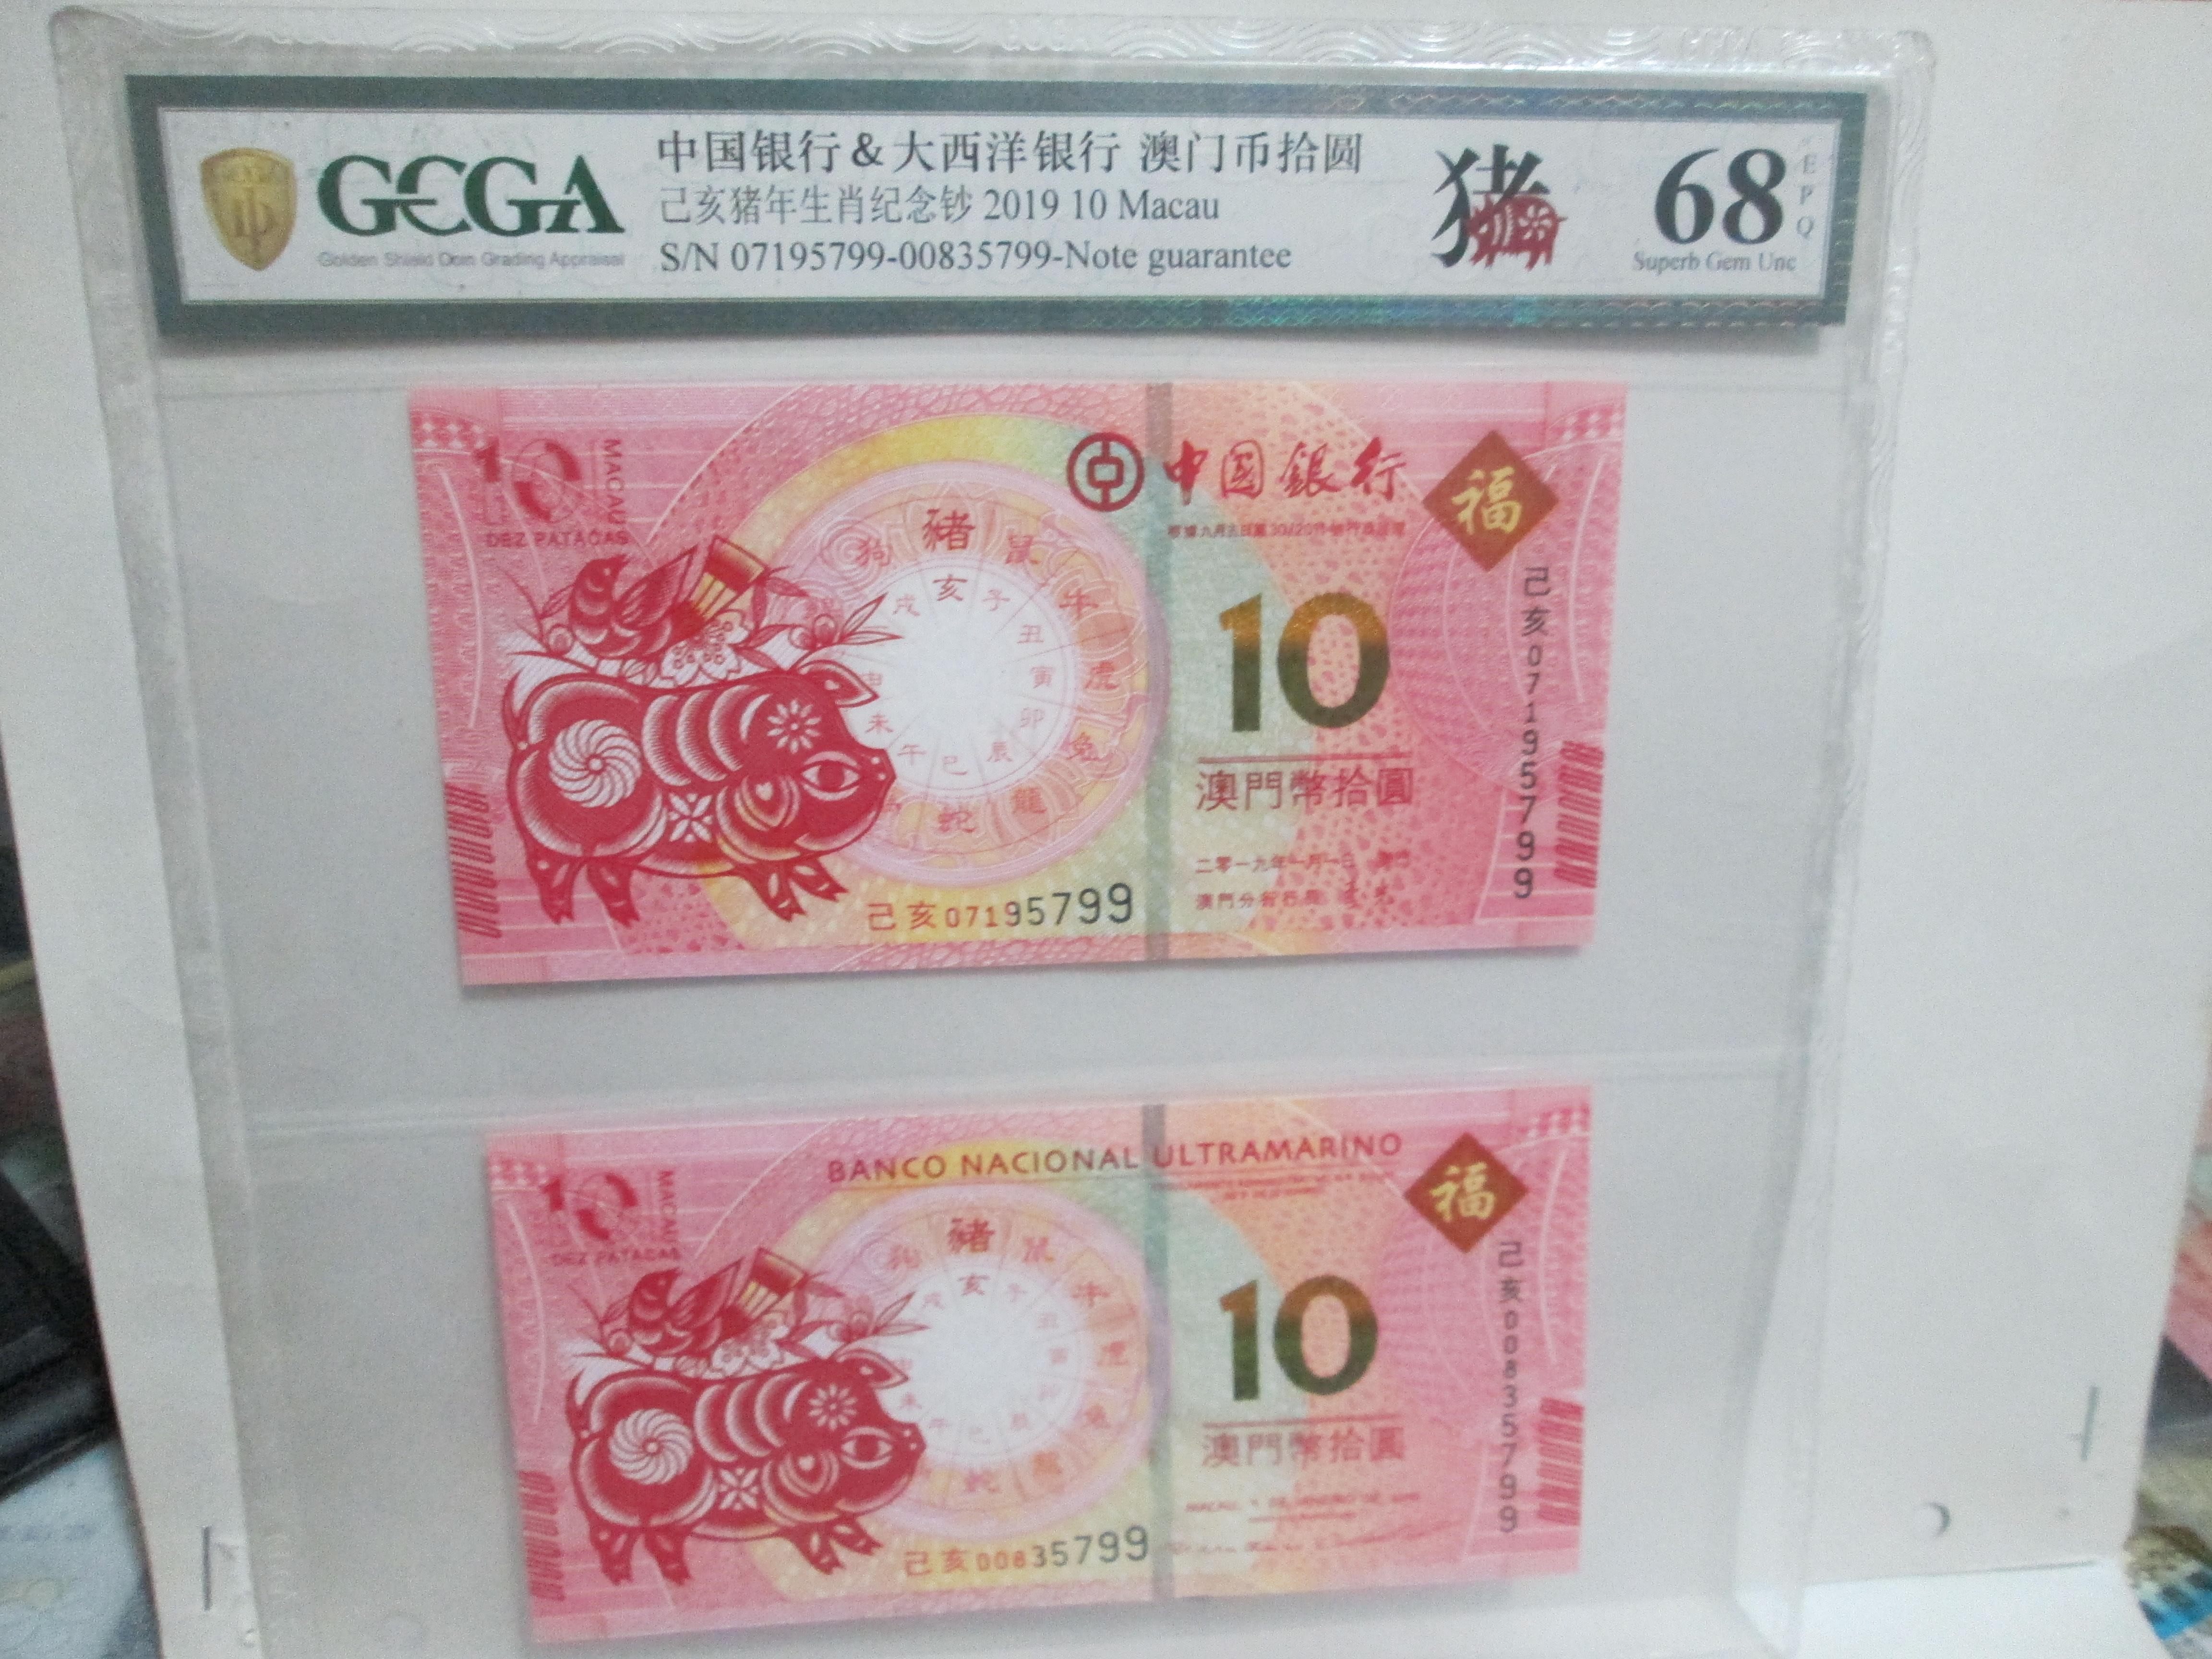 評級幣中國銀行+大西洋銀行豬年澳門幣拾圓一標兩張